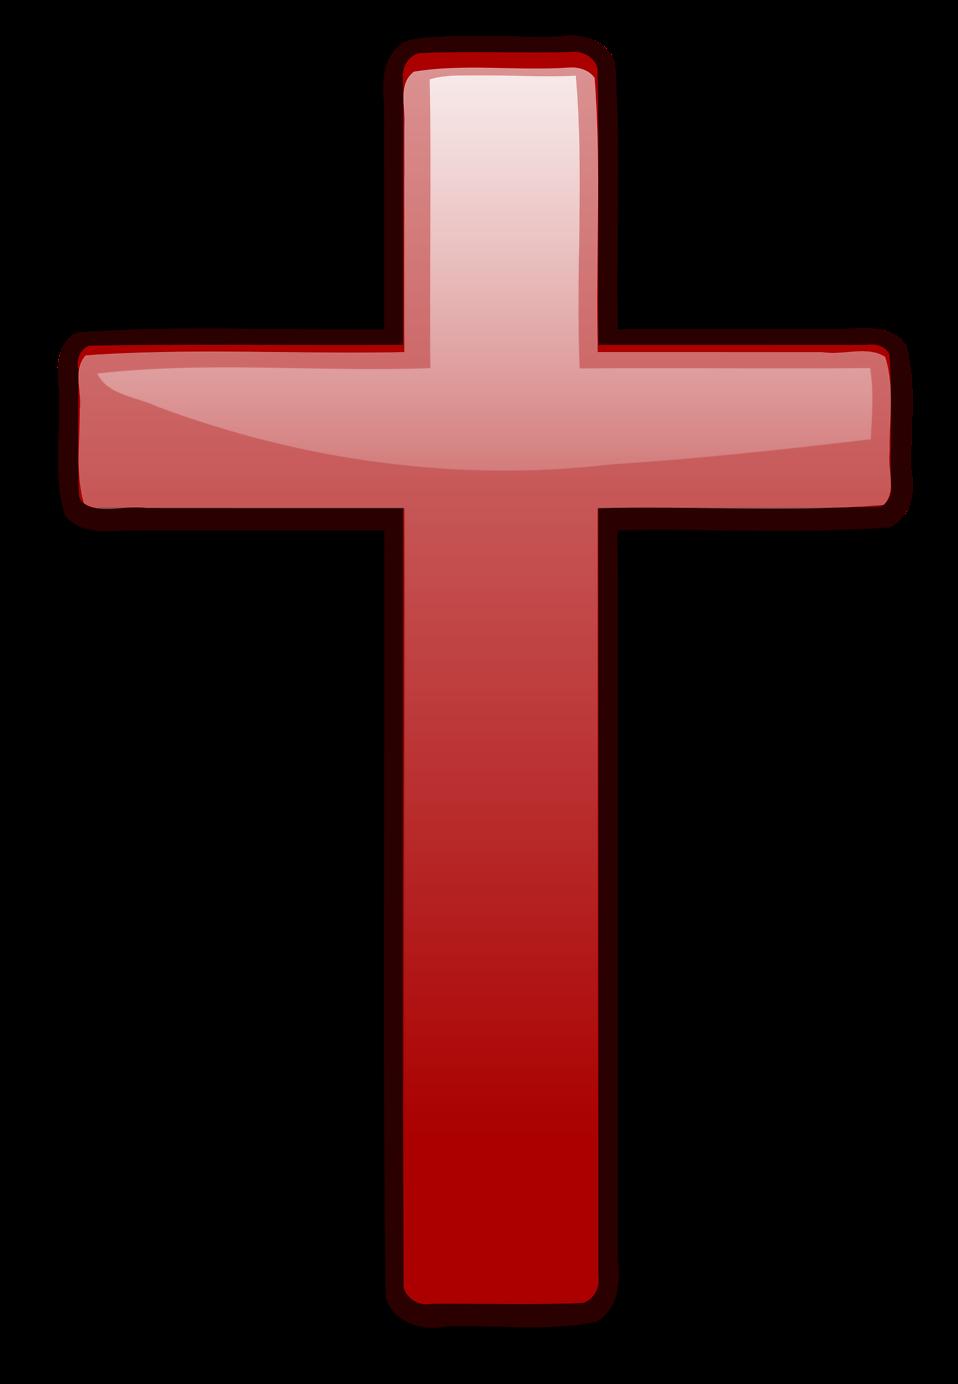 Logos . Crucifix clipart contemporary cross